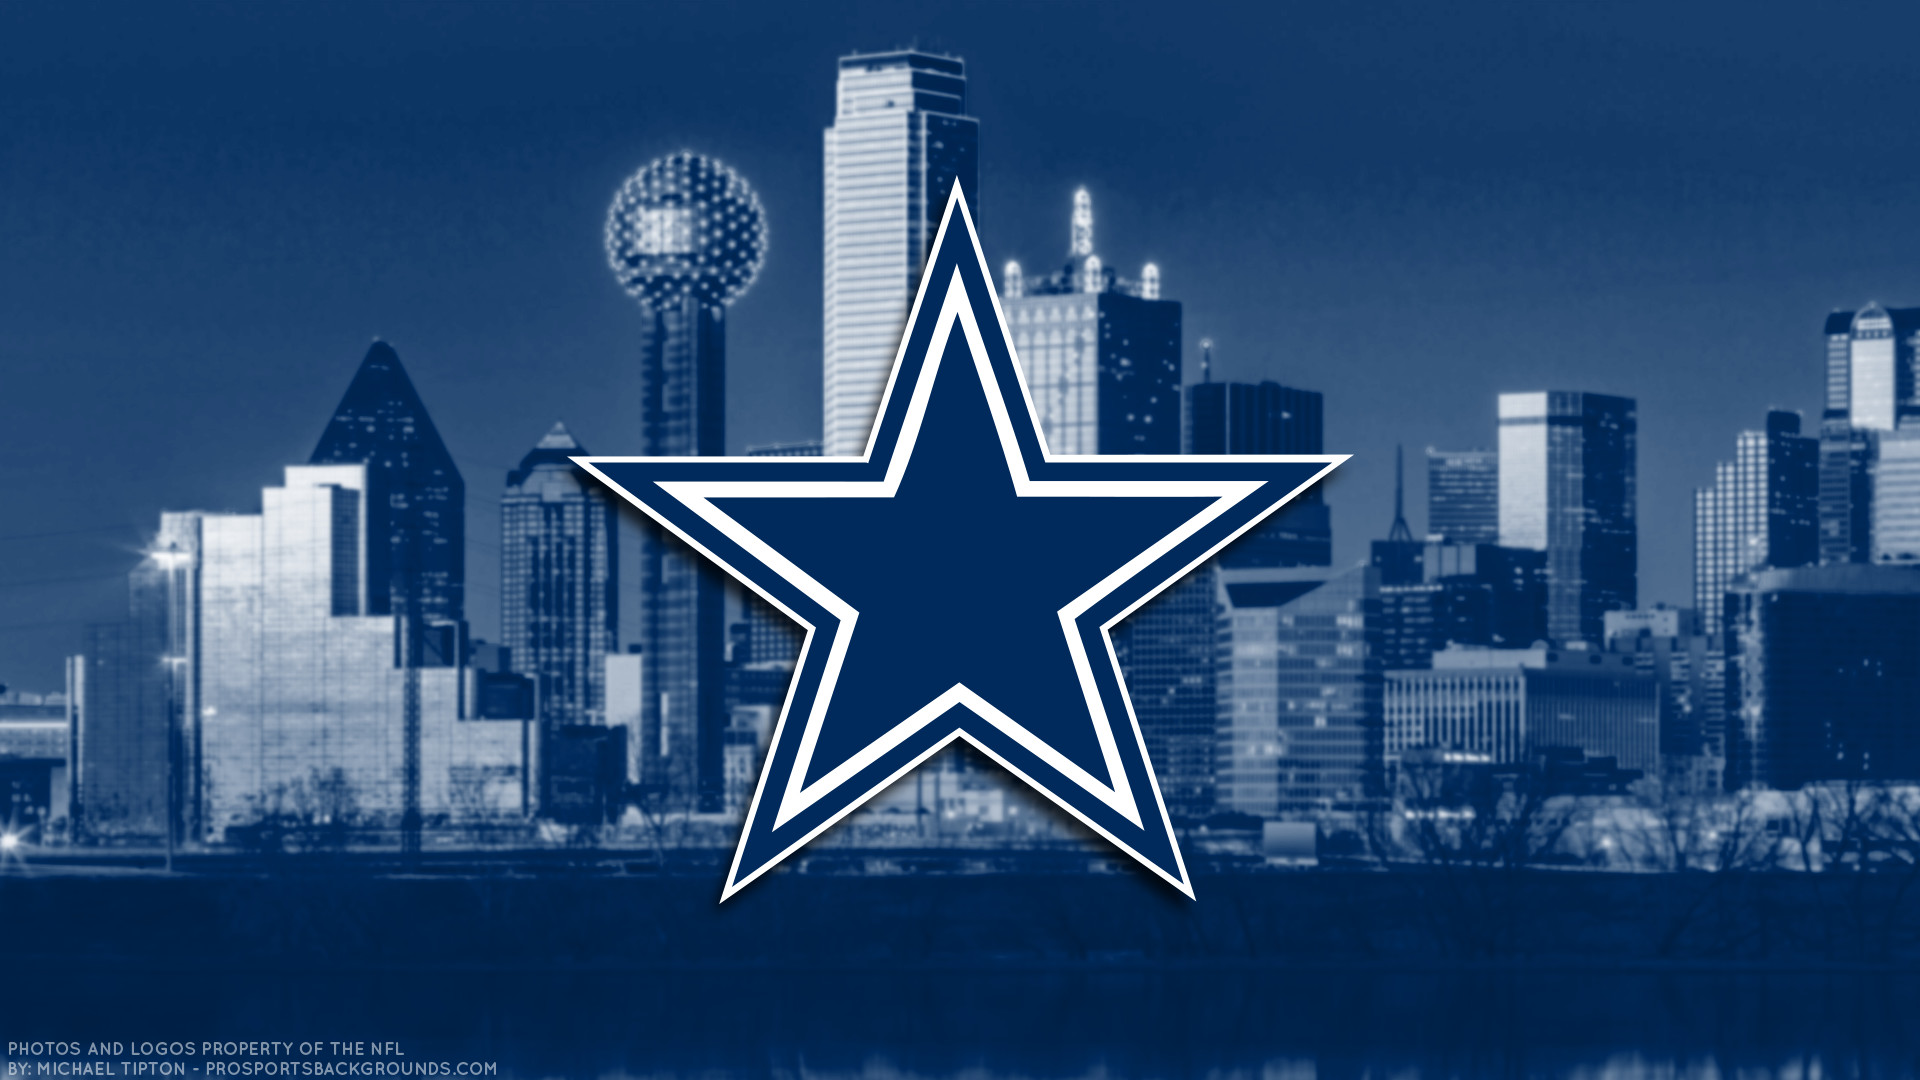 Dallas Cowboys Backgrounds 67 images 1920x1080